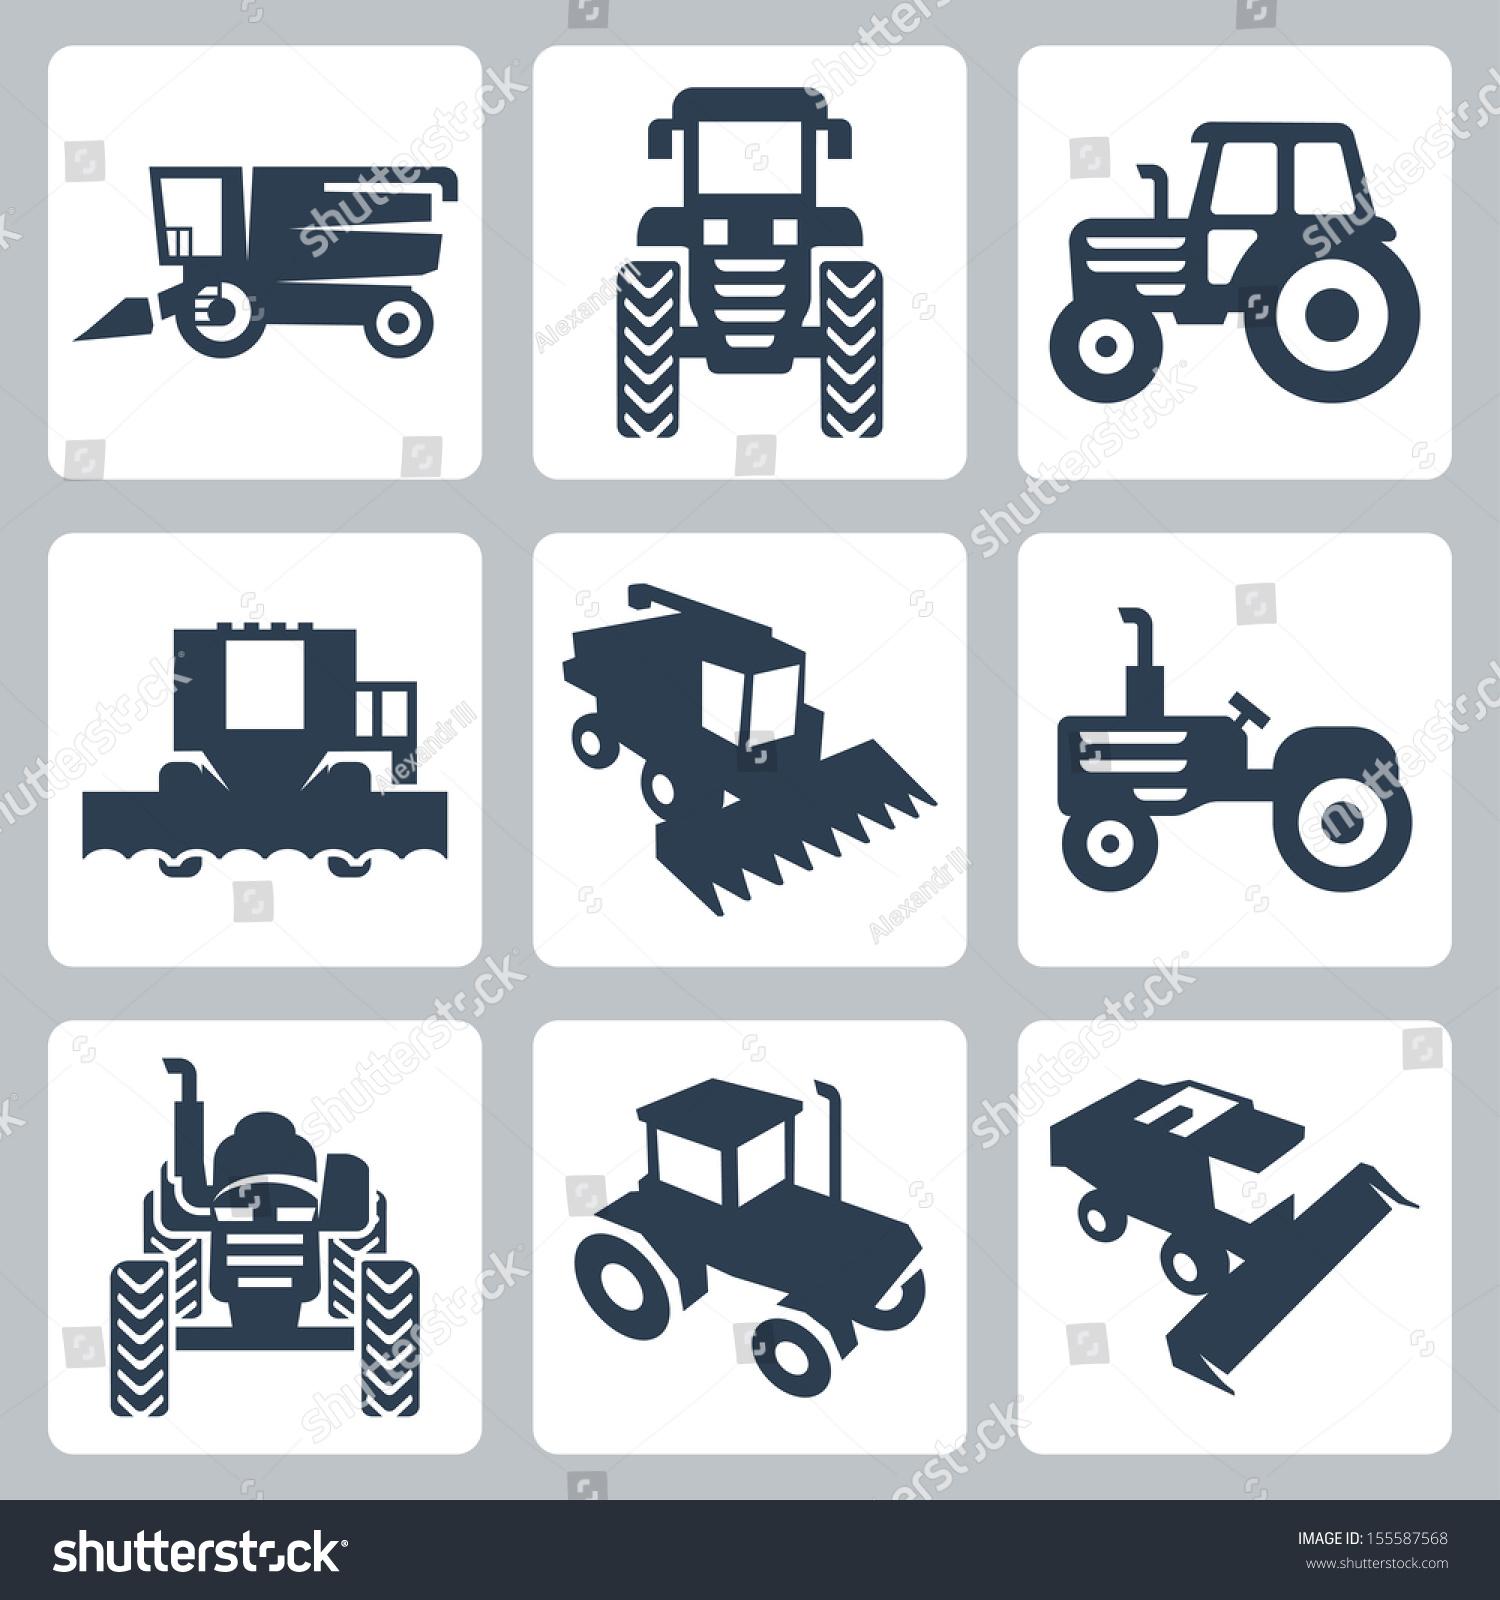 Сельхозтехника, продажа сельскохозяйственной техники.